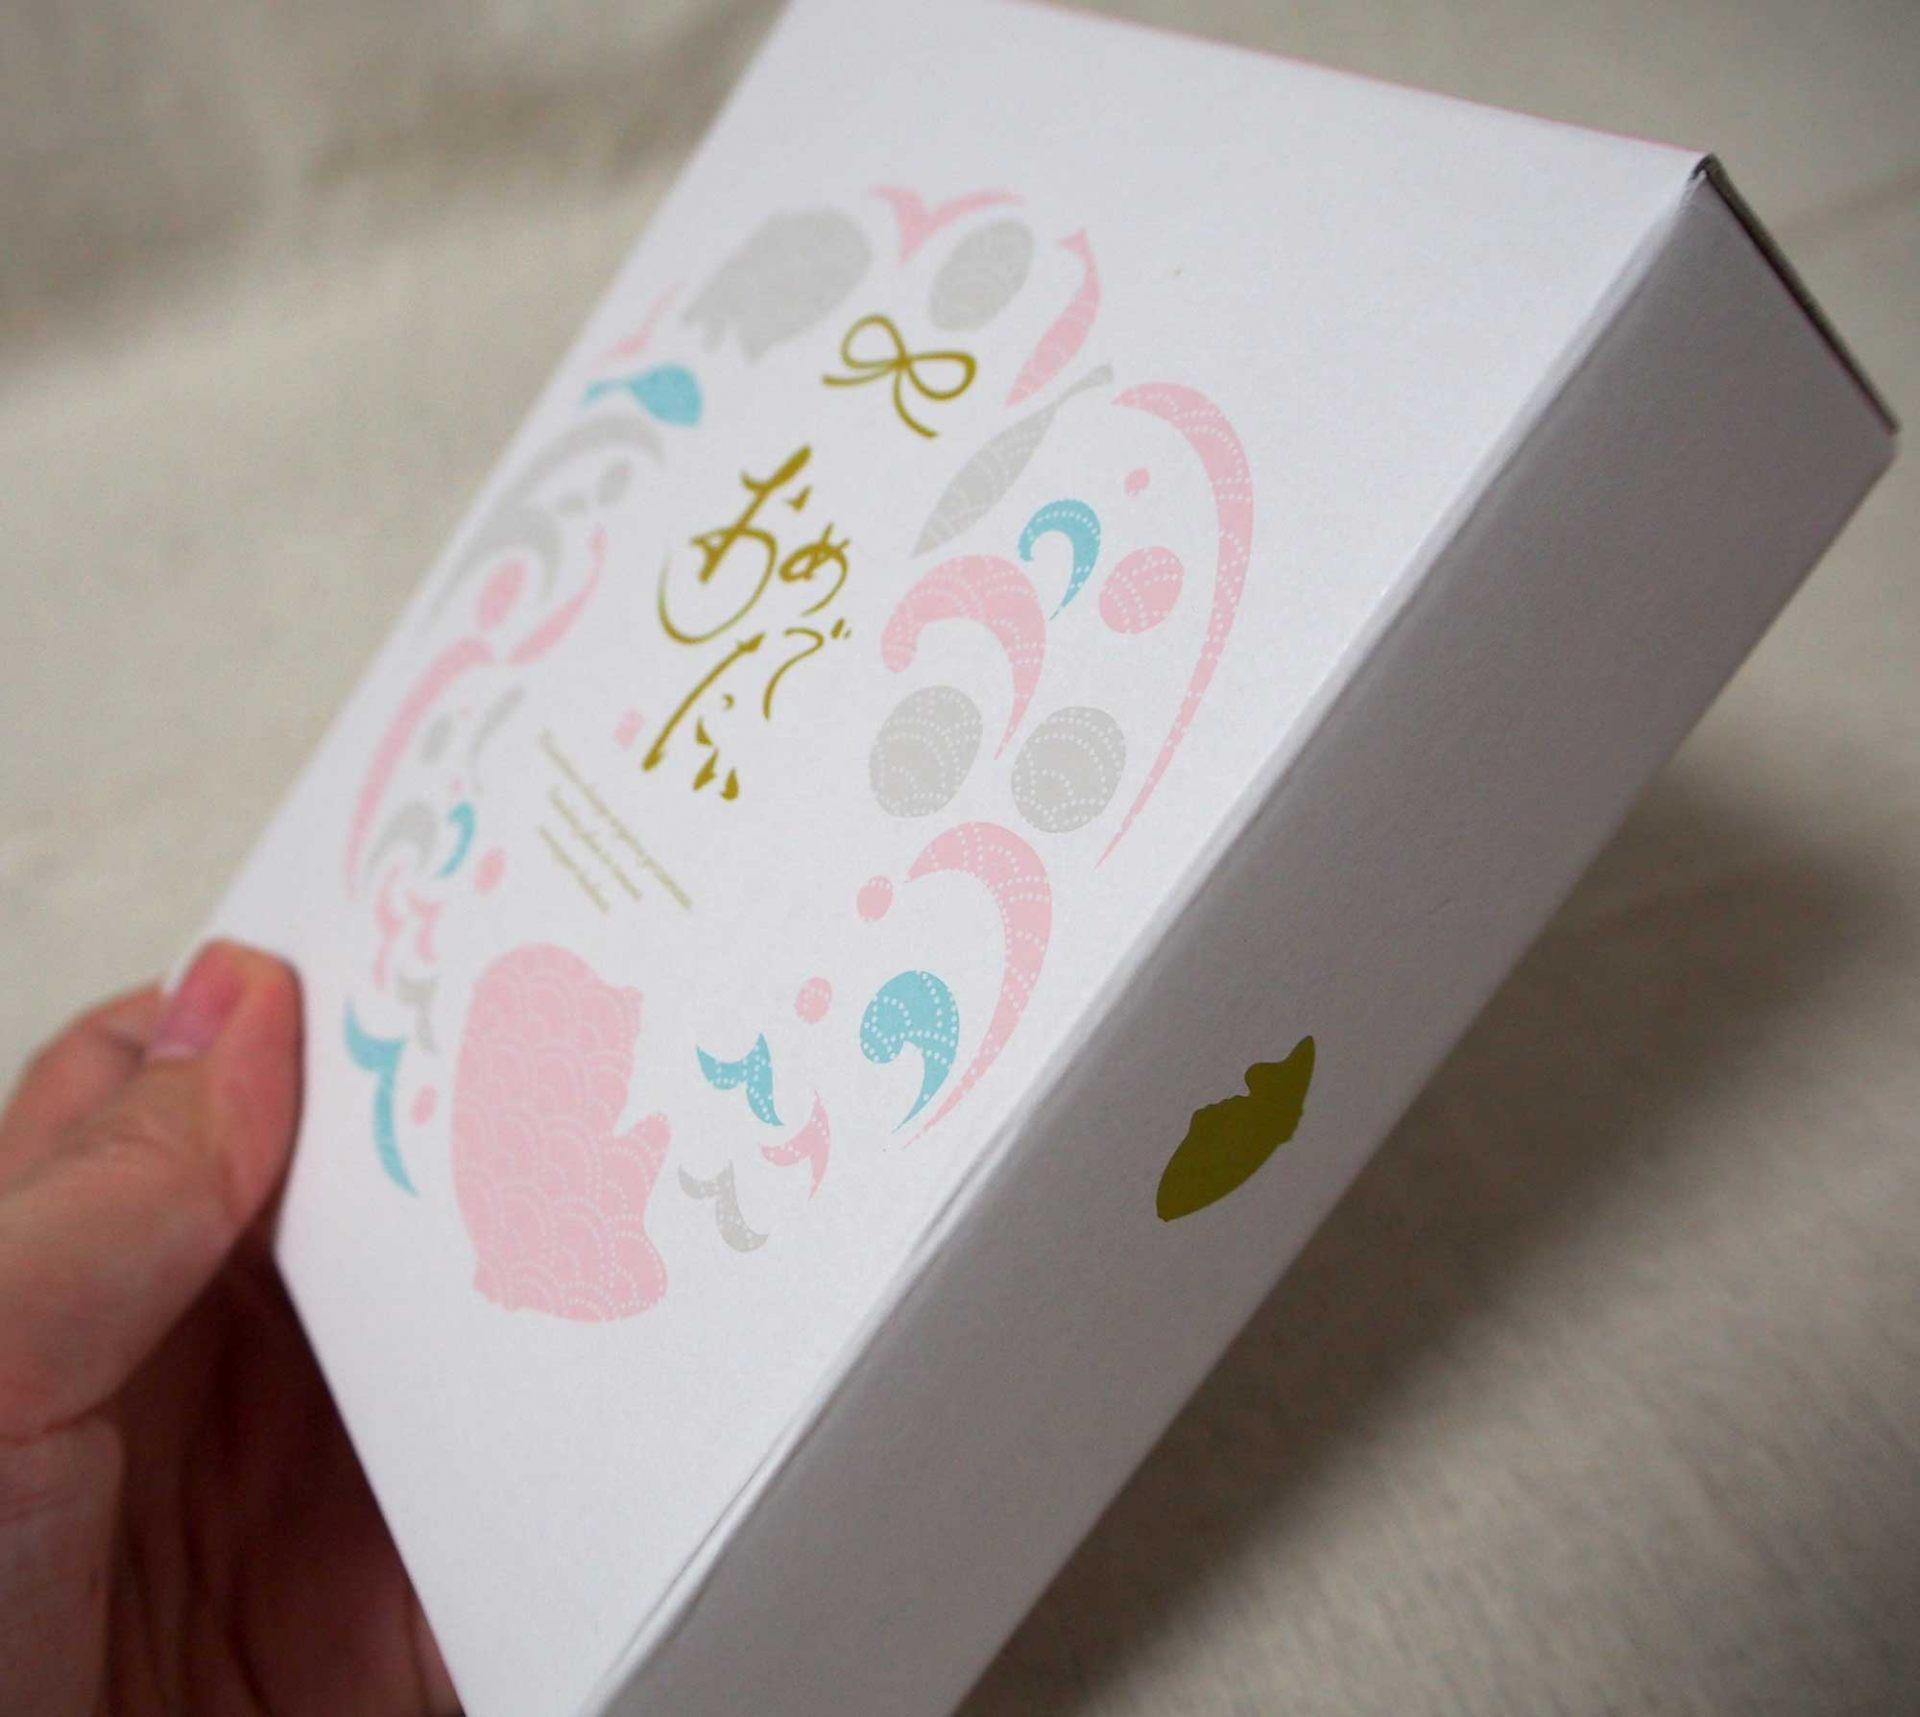 在精緻的包裝盒上面寫著「可喜可賀」